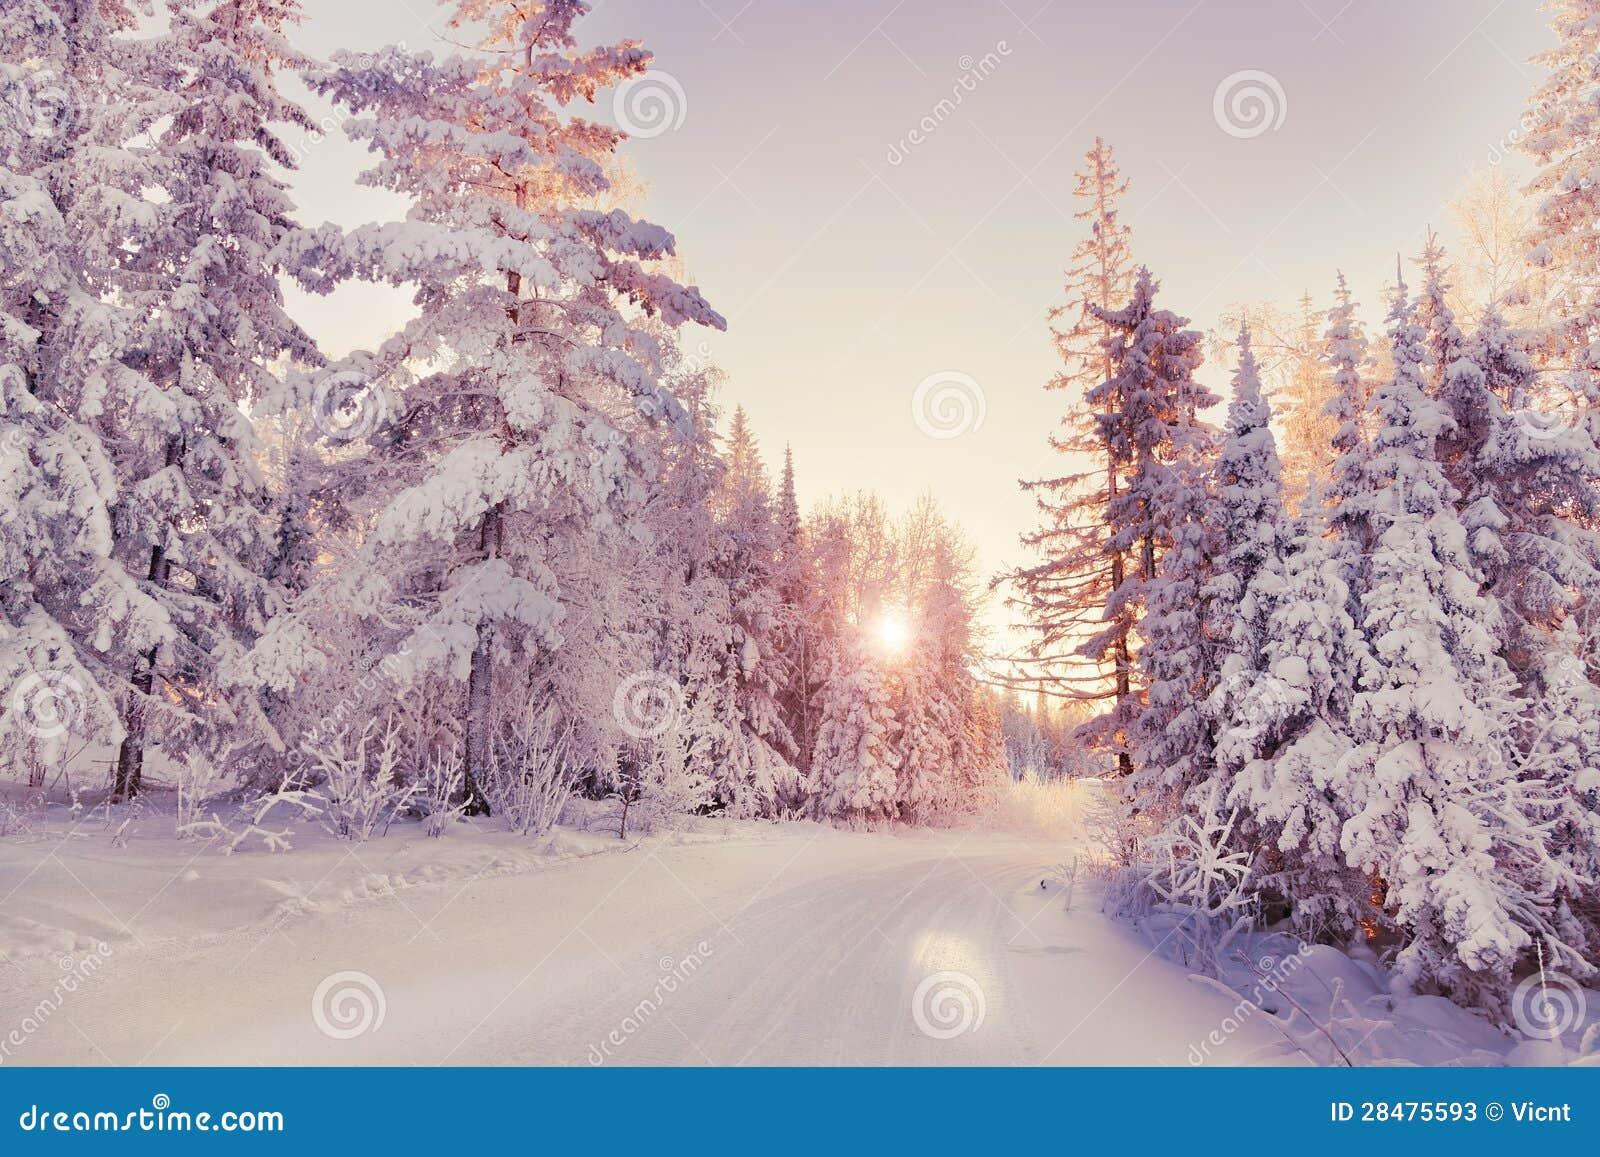 Vintern landskap